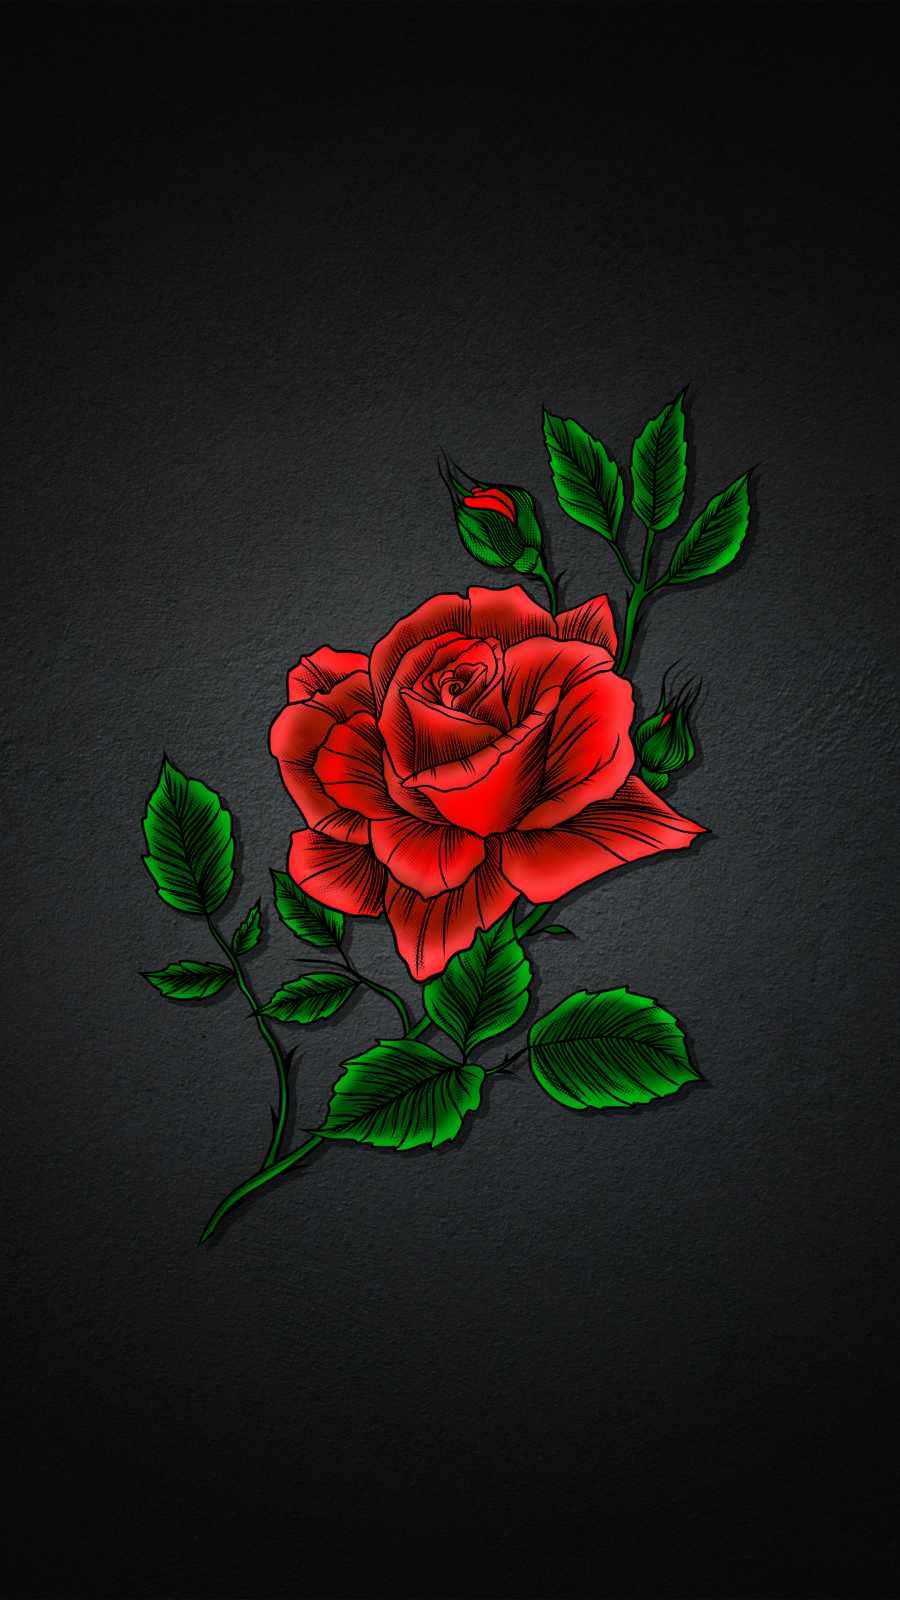 Red Rose Art iPhone Wallpaper